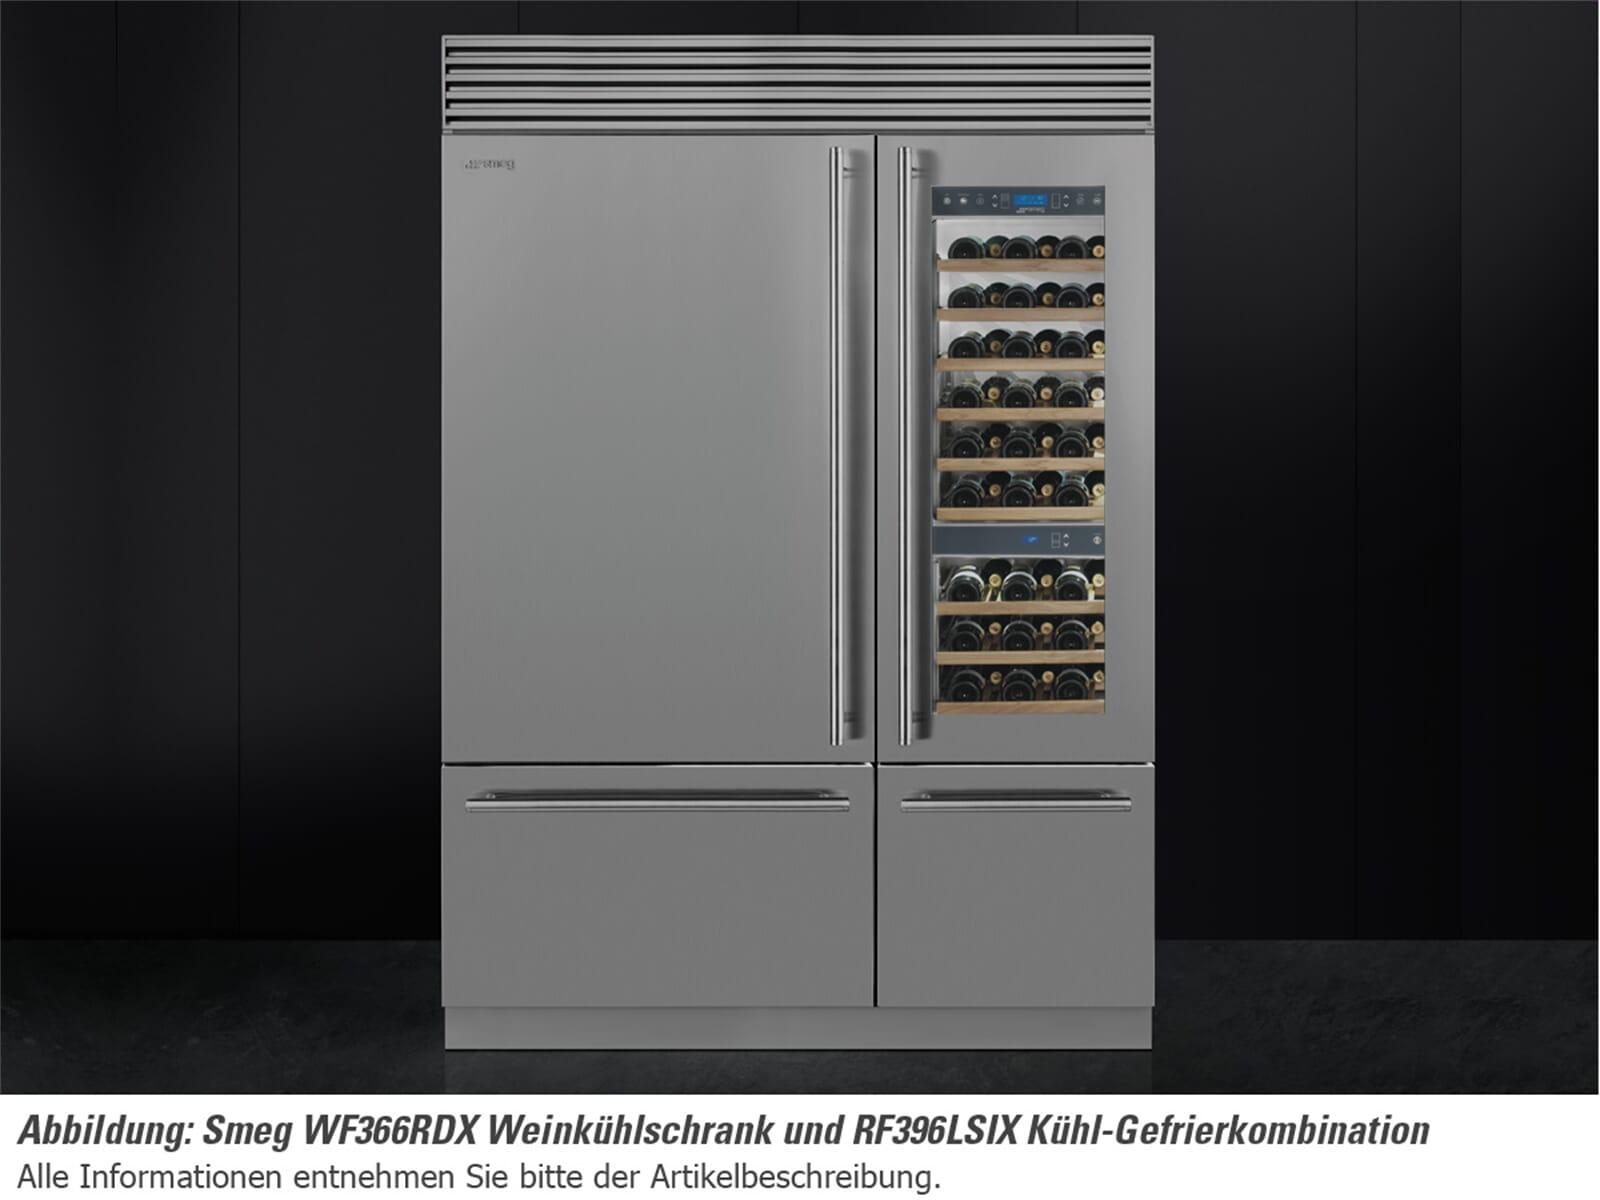 Smeg Kühlschrank Preise : Smeg kühlschrank creme preisvergleich smeg kühlschrank retro